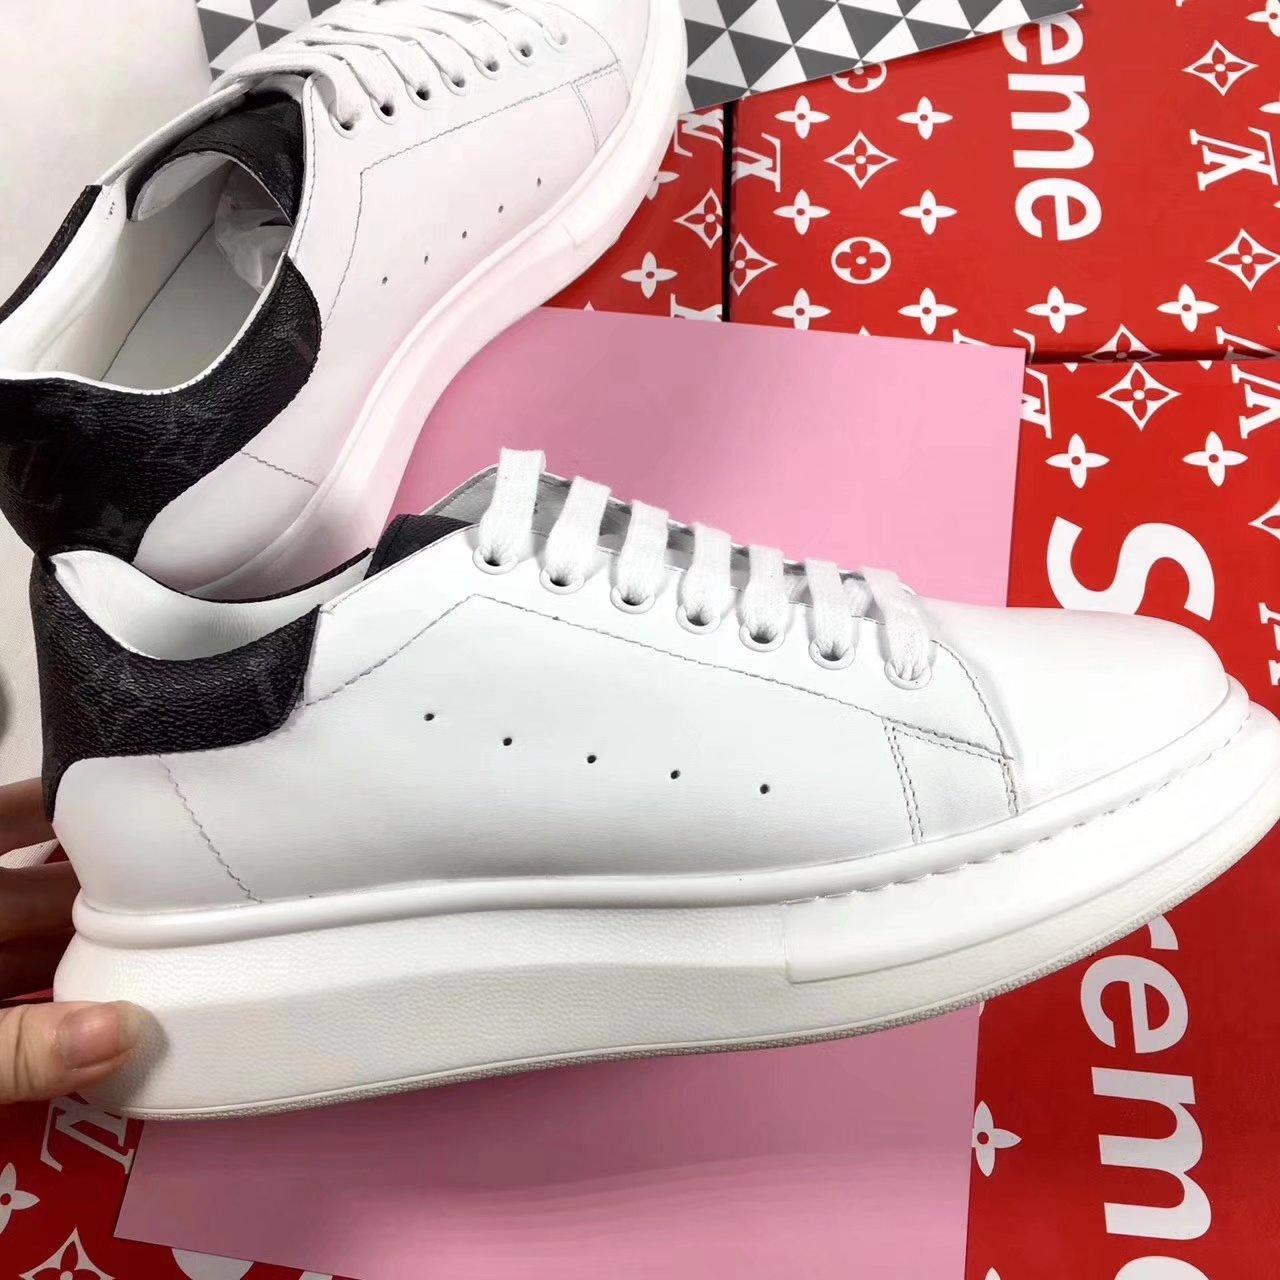 79.00EUR, Louis vuitton chaussures femmes,louis vuitton chaussures 2017  femmes italy first layer cowhide full leather b416d105dc3